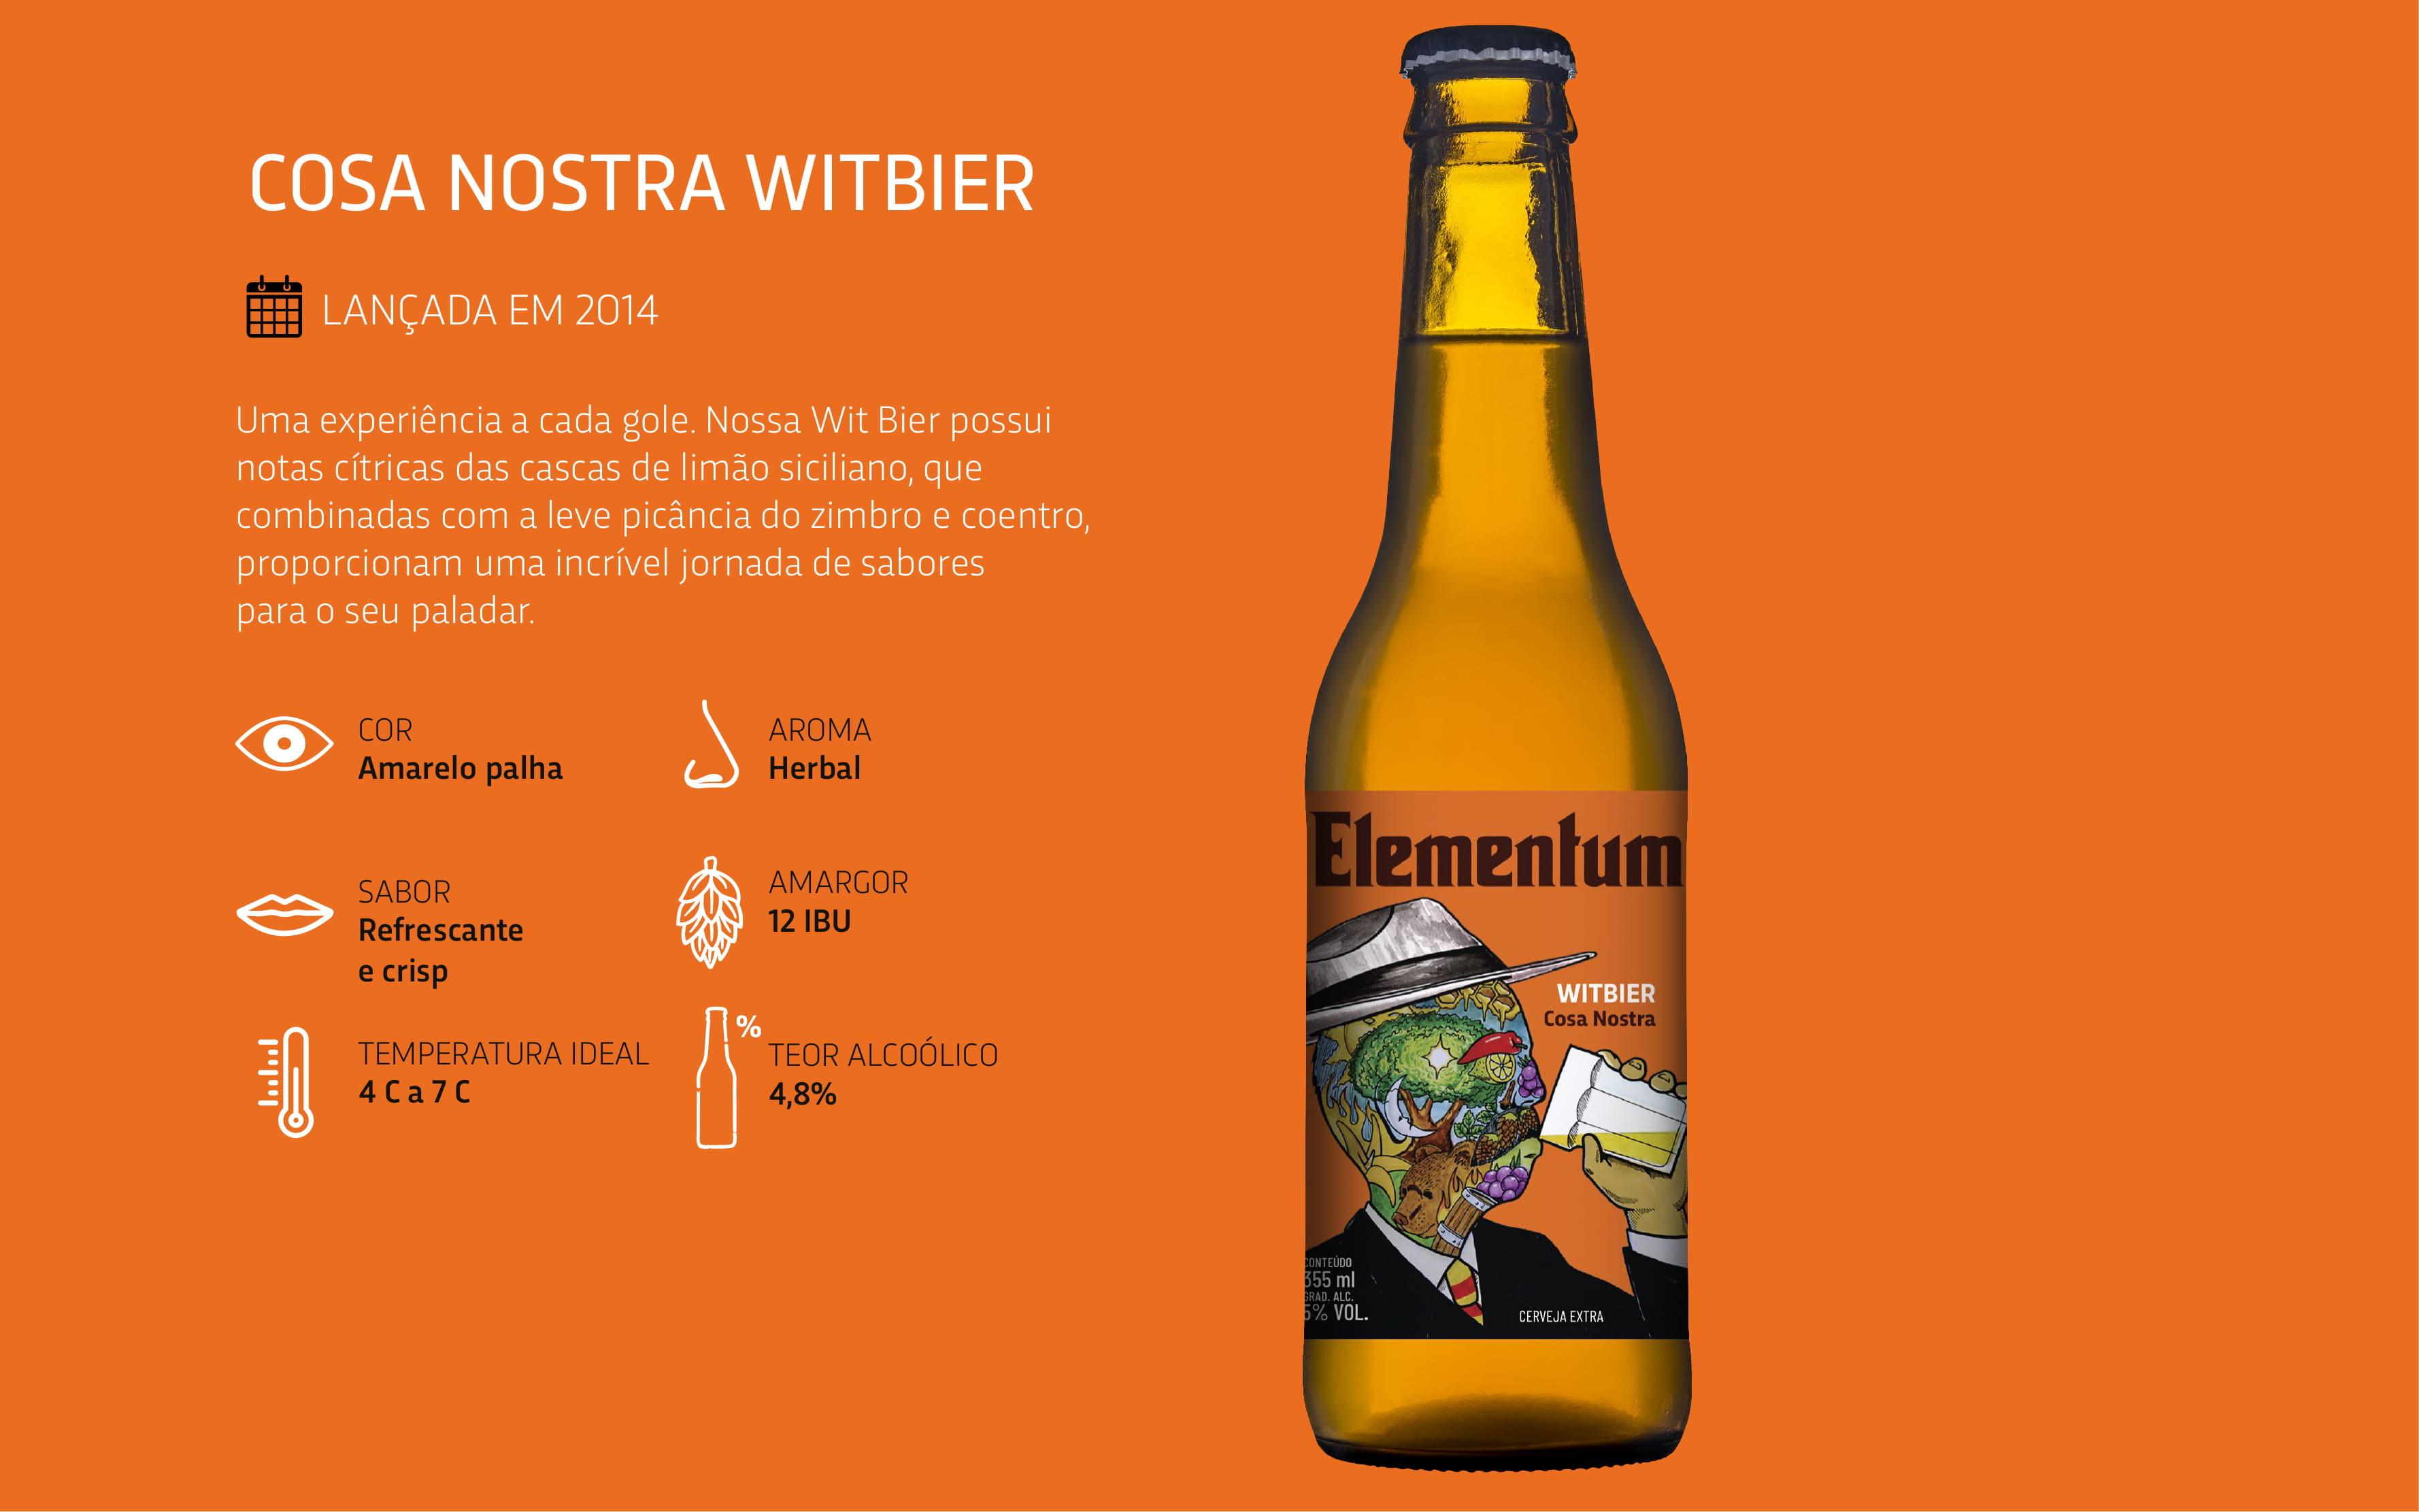 Cerveja Elementum Cosa Nostra